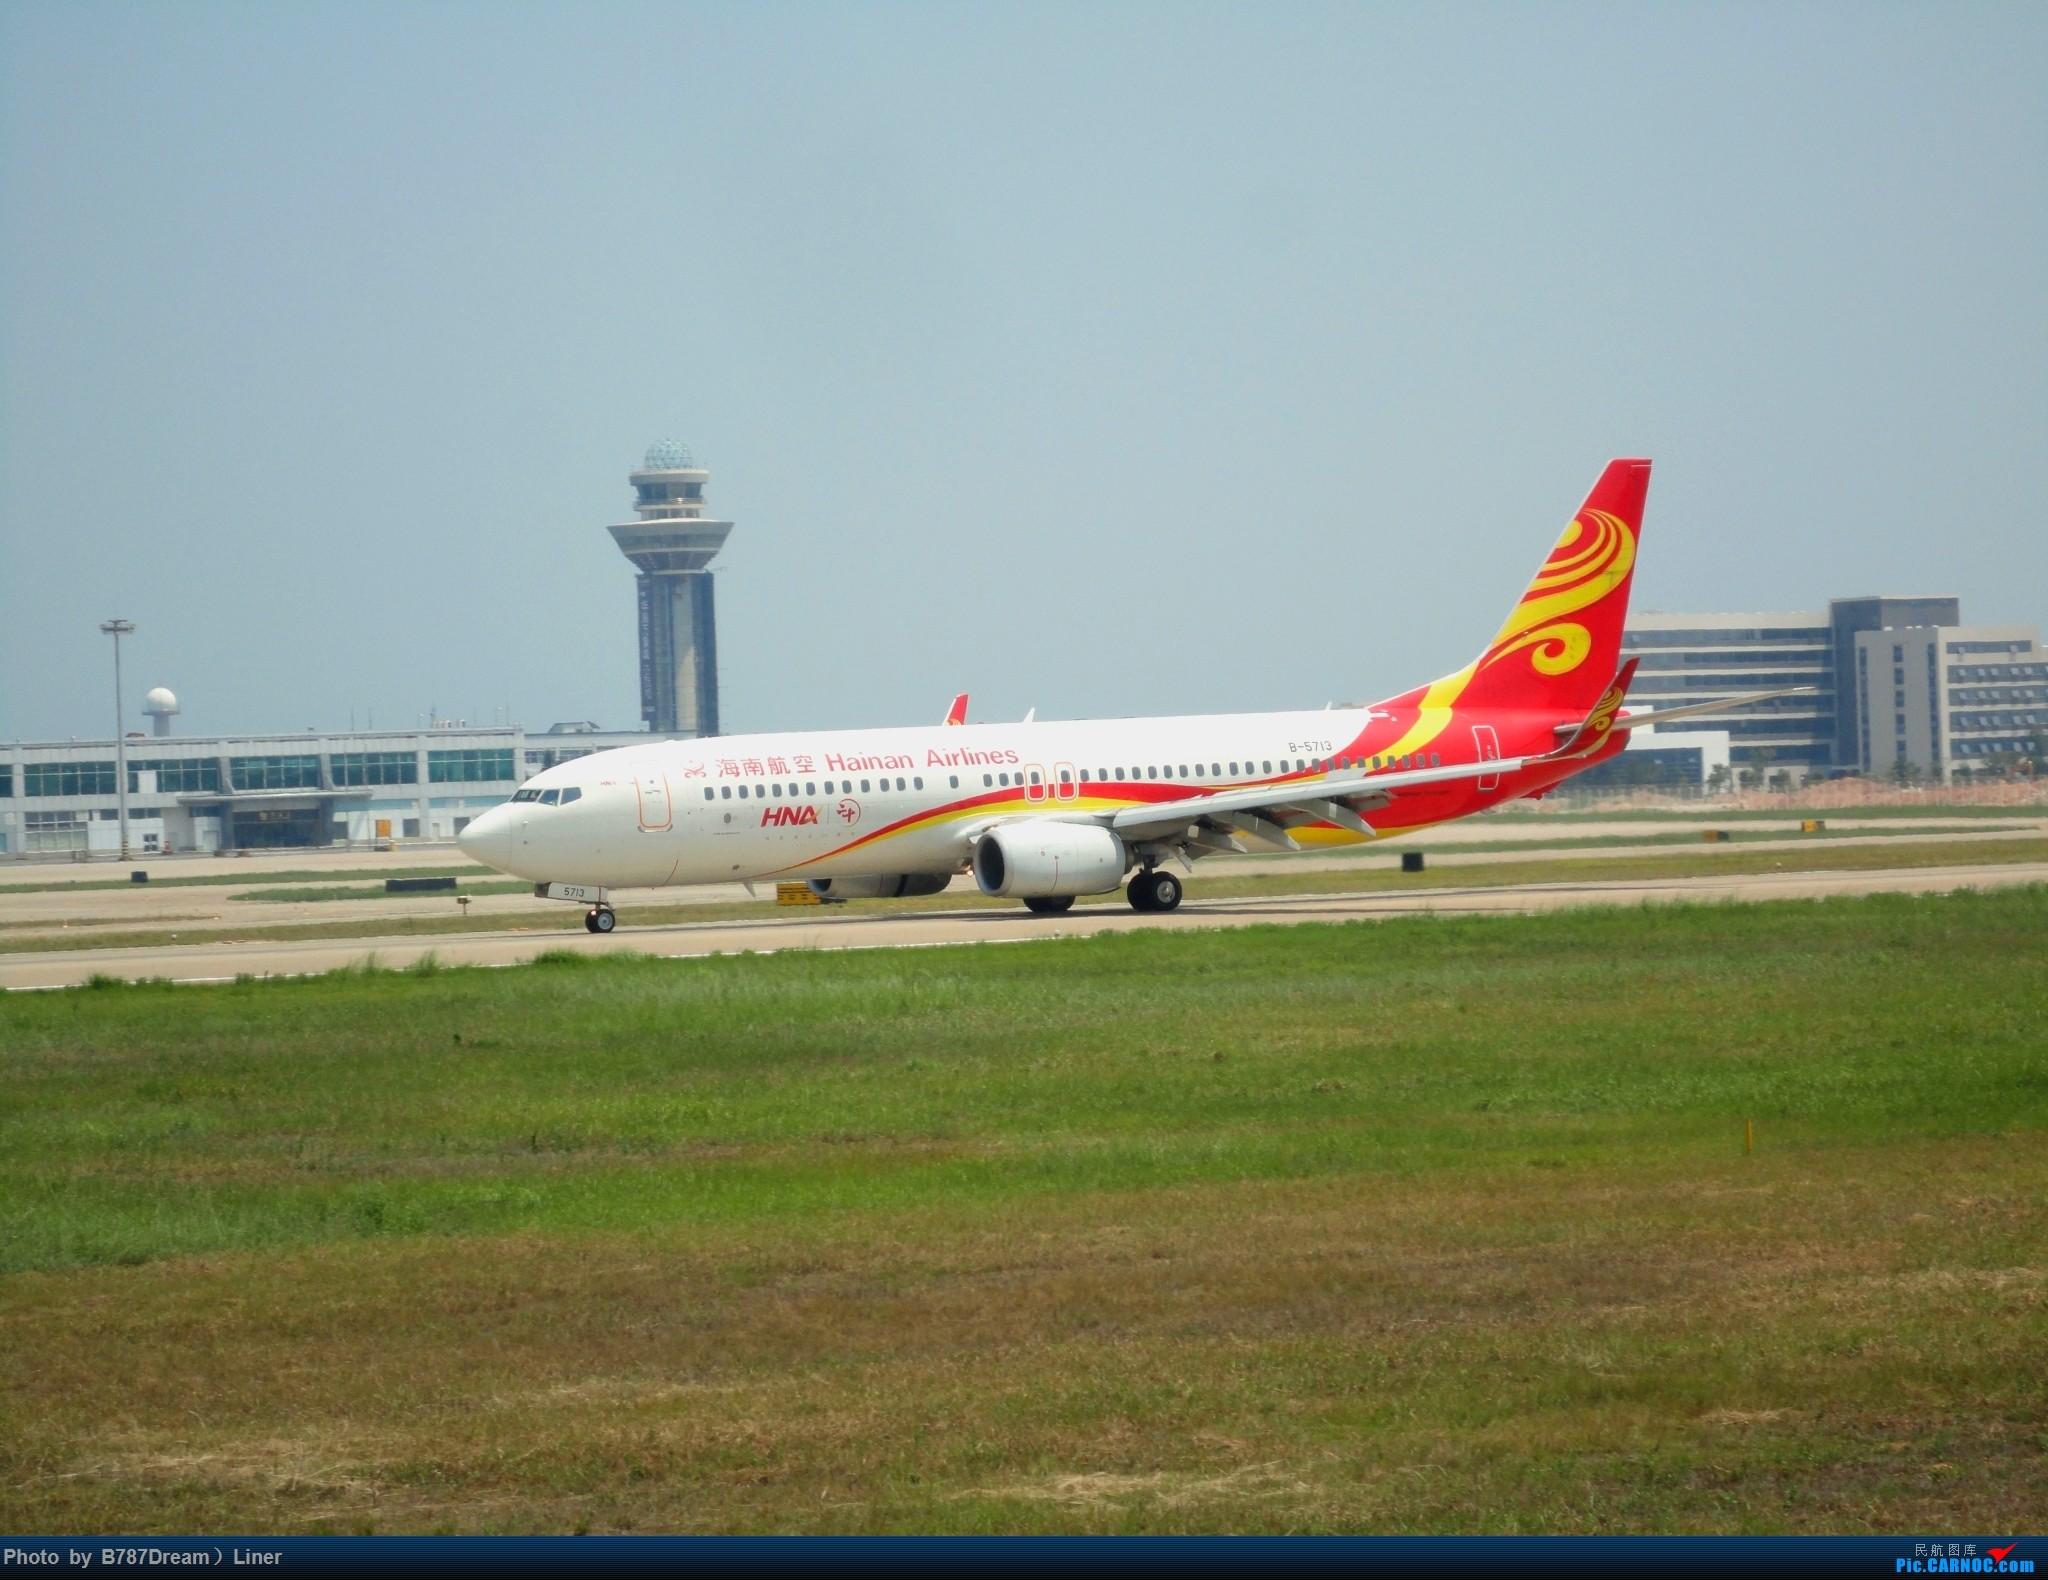 [原创]【福州飞友会】2015.8.2打机 BOEING 737-800 B-5713 中国福州长乐国际机场